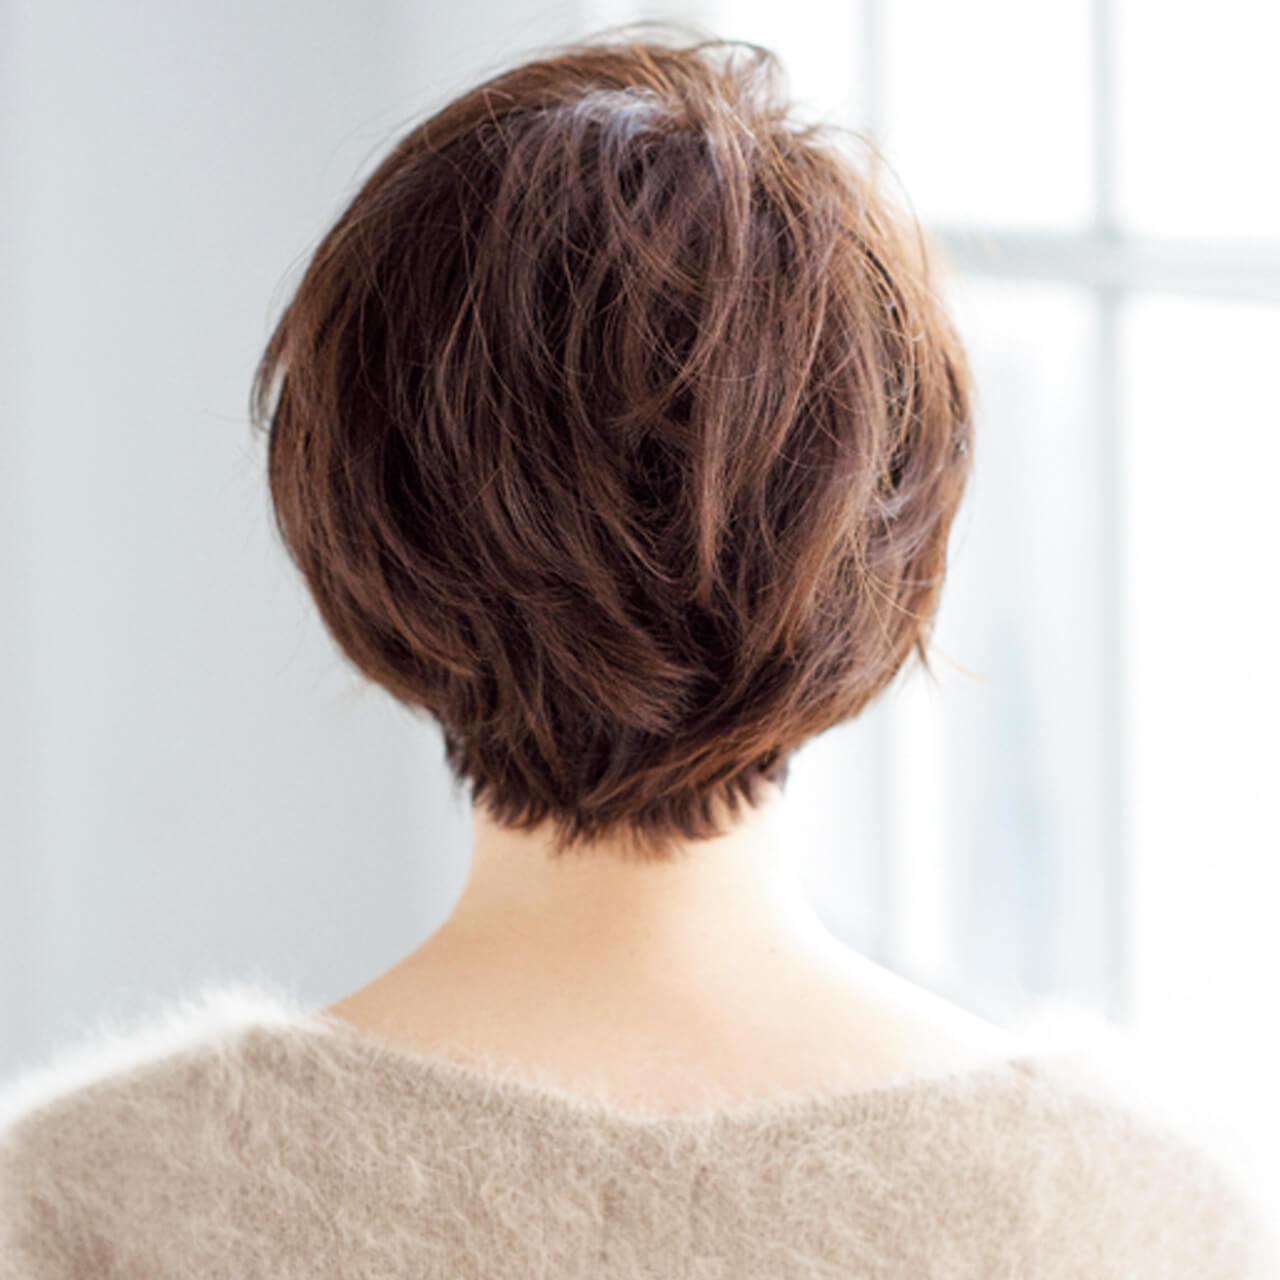 スタイリング楽々で好感度もアップ!40代のためのショートヘア【40代のショートヘア】_1_4